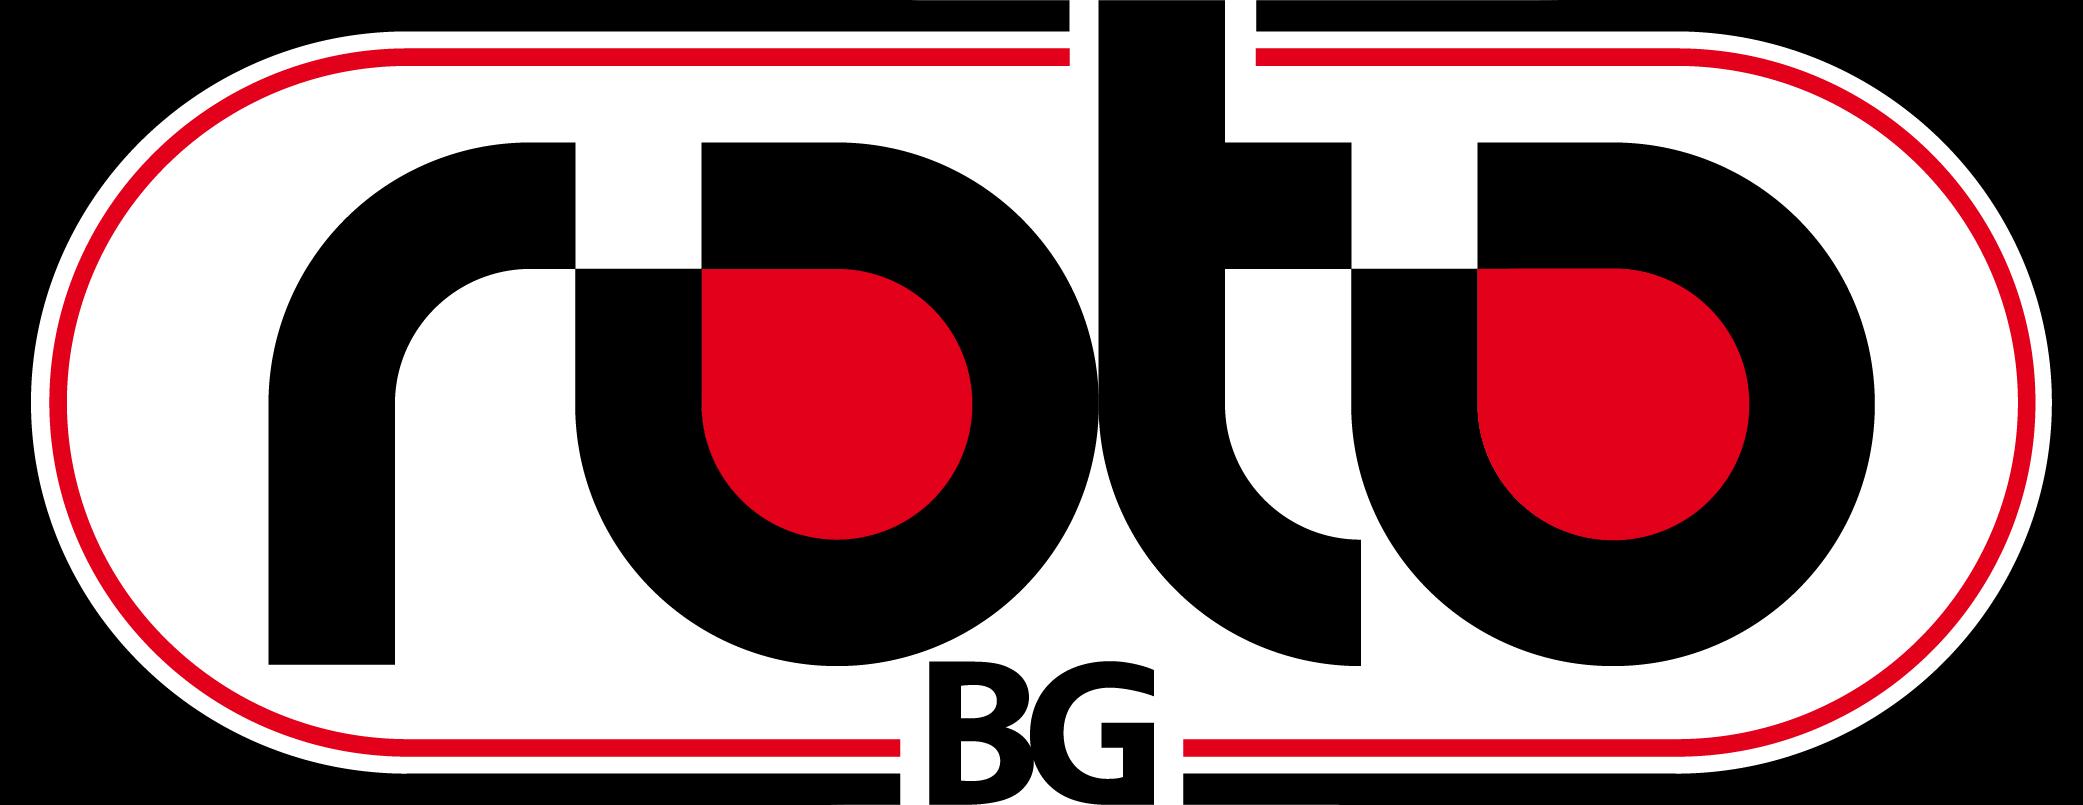 roto-bg-logo-roto-bulgaria-01